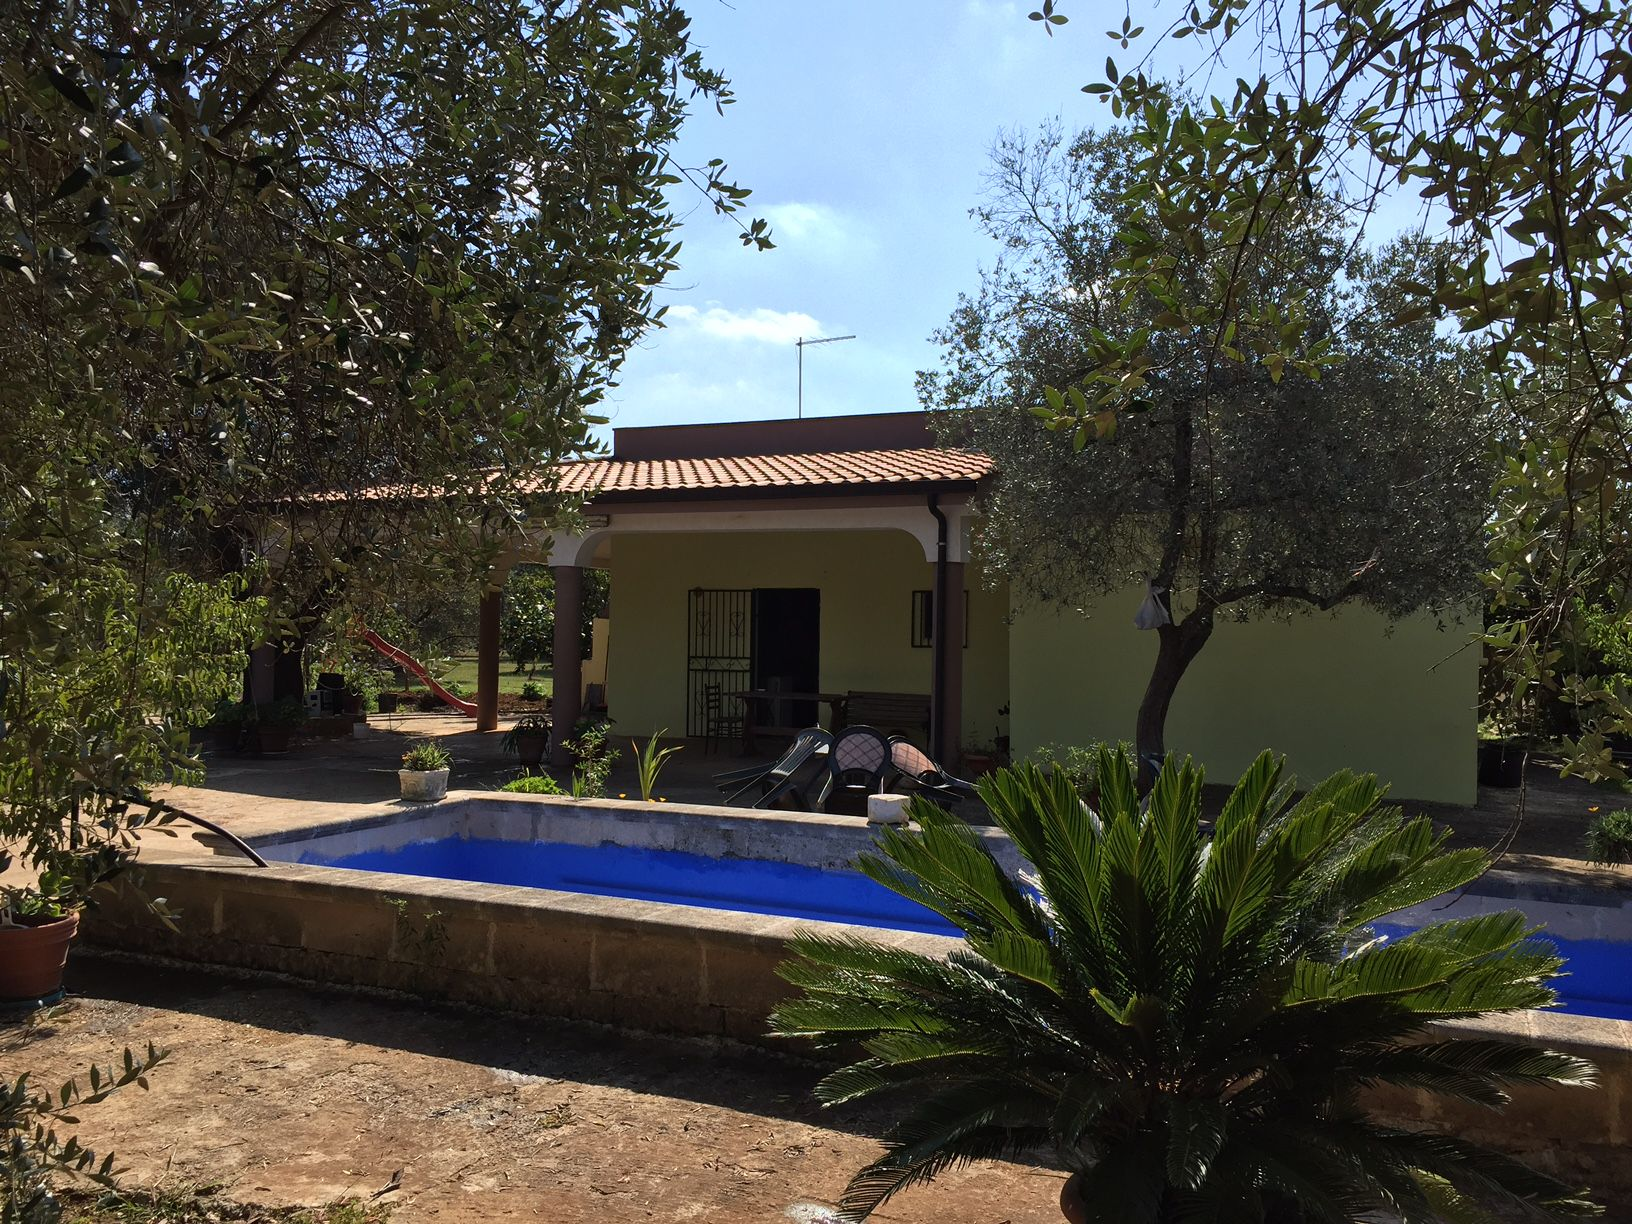 Villa in vendita francavilla fontana uliveto e piscina - Piscina francavilla fontana ...